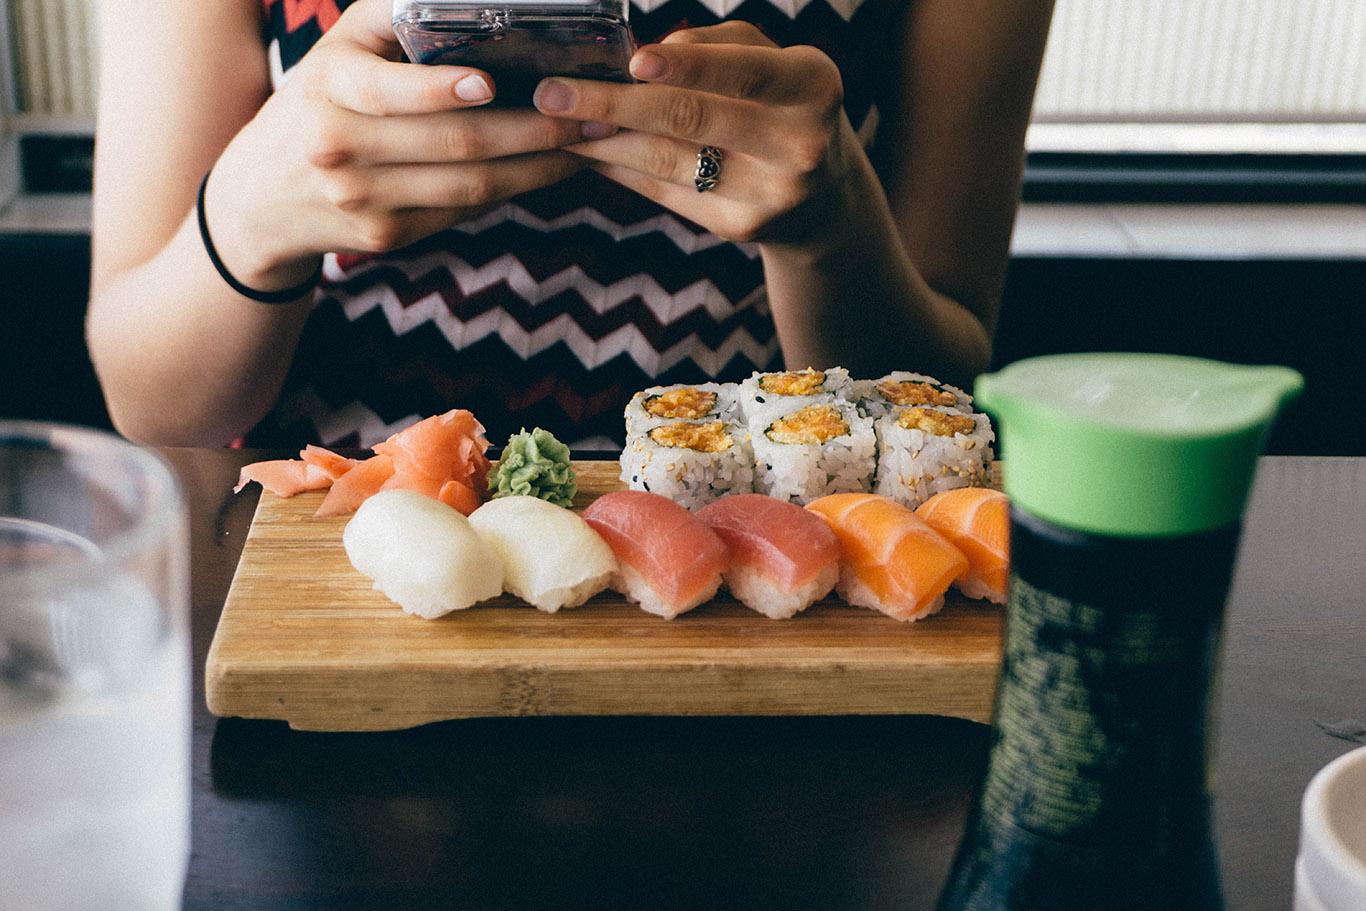 沖縄の人気寿司TOP11!食べ放題や安いランチなど地元で評判のお店ばかり!